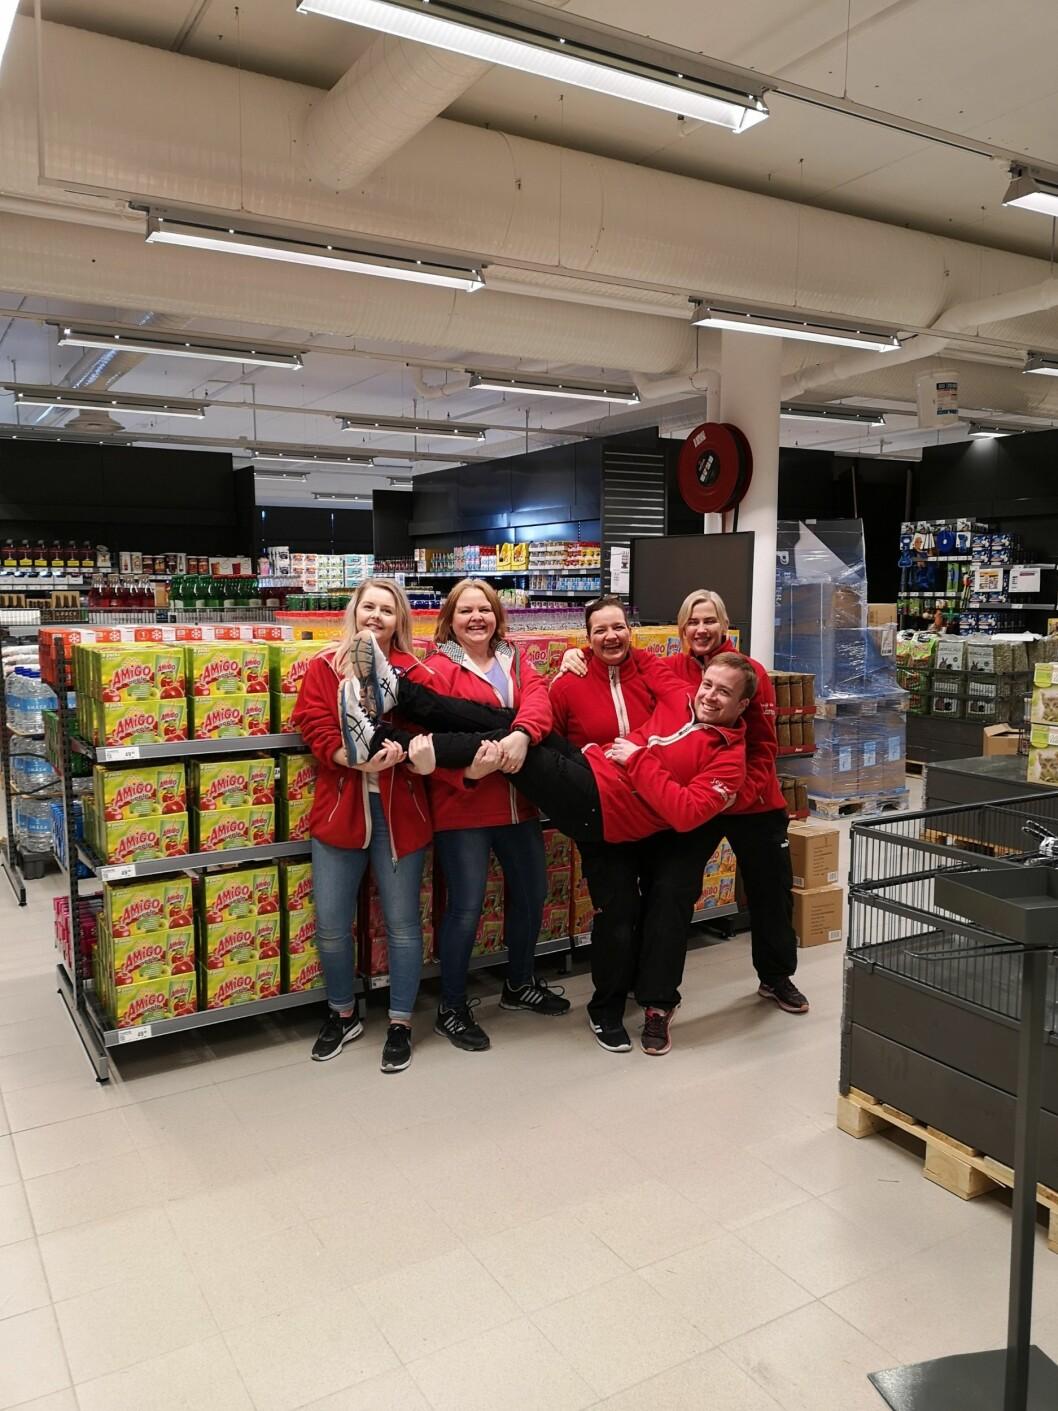 Klare for åpning av ny Europris-butikk på Vestnes. Fra v.: Monica Helset, Aud Marie Bergdal, Eva Karin Fossheim Eide og Cecilie Støylen Hoff. Liggende foran: butikksjef Jarl Williksen.